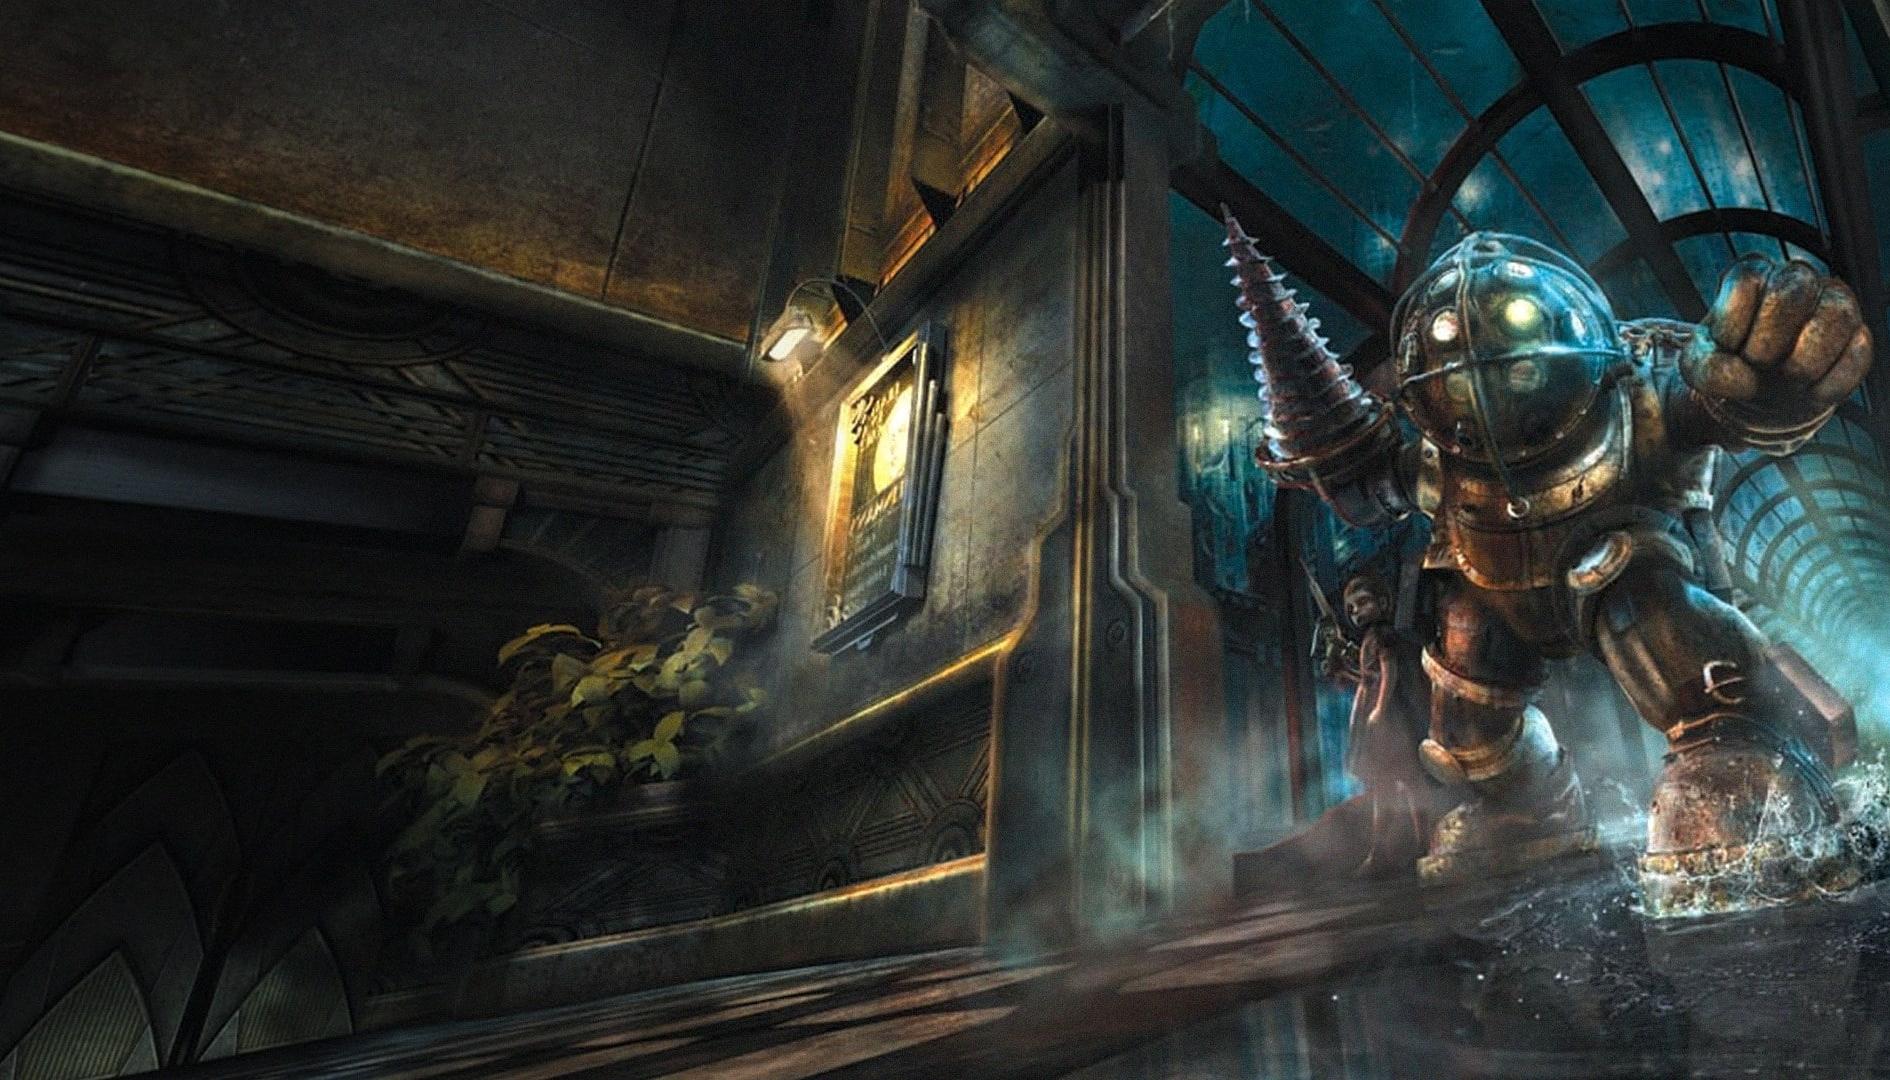 Bioshock 4 prende forma, tra open world e nuova ambientazione